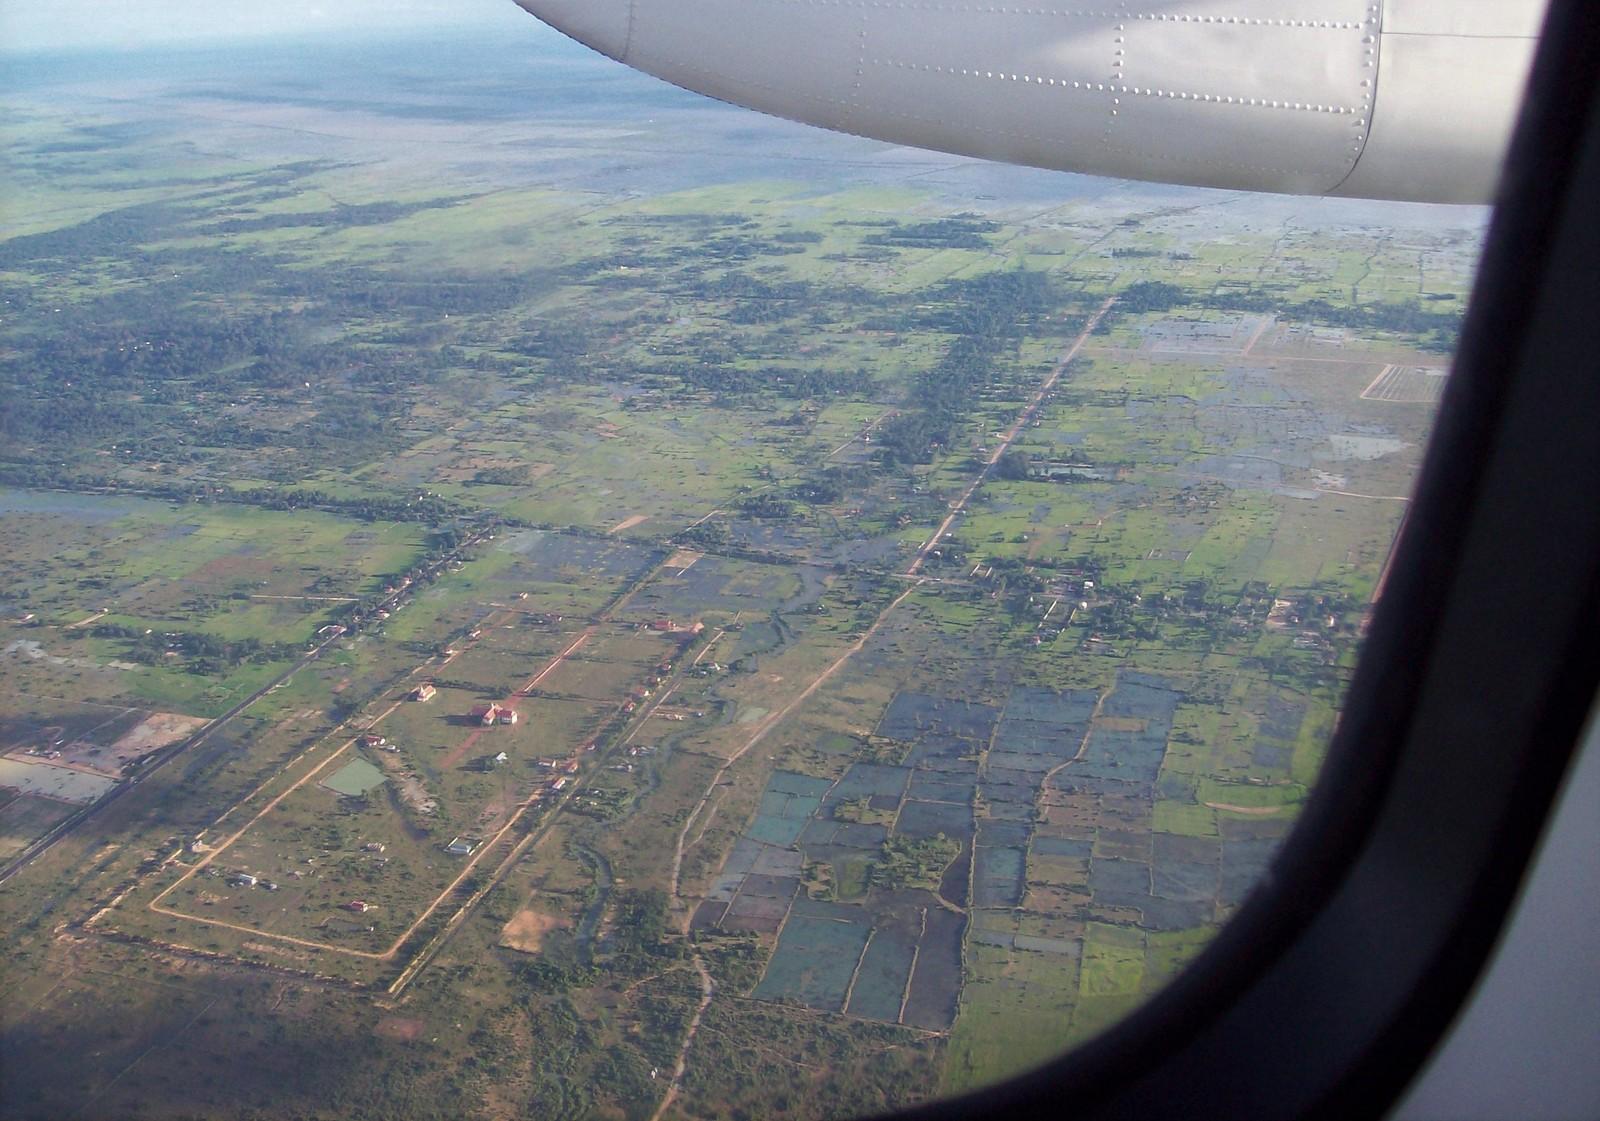 Flug der Lao Airlines über die Ebene von Angkor in Kambodscha